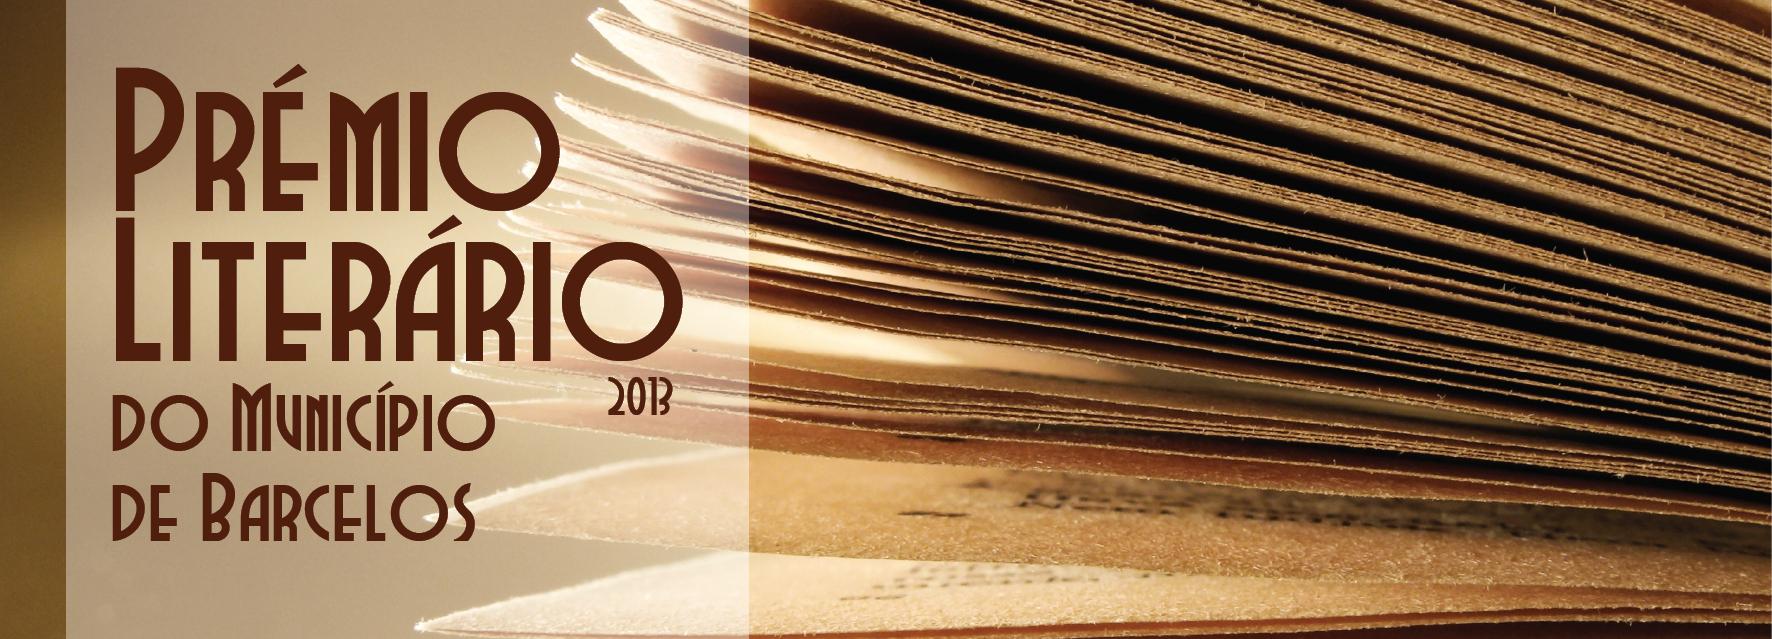 Câmara Municipal lança Prémio Literário 2013